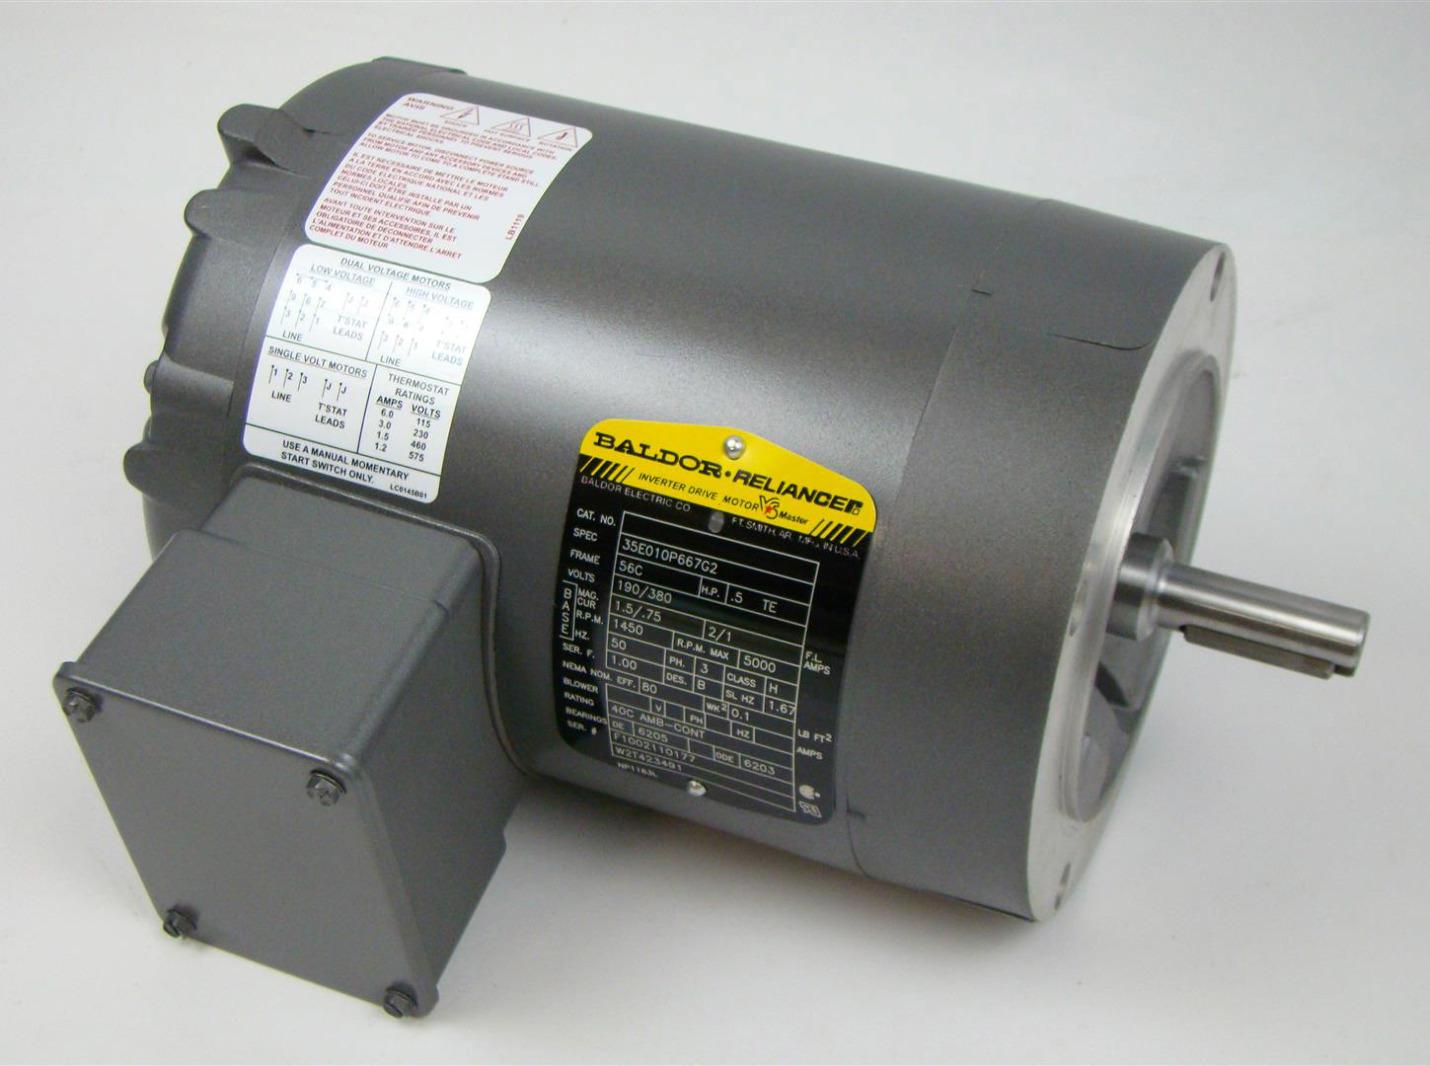 Baldor Reliancer Dc Motor 1450rpm 3ph 56c 1 2hp 190 380v 35w010p667g2 Joseph Fazzio Incorporated